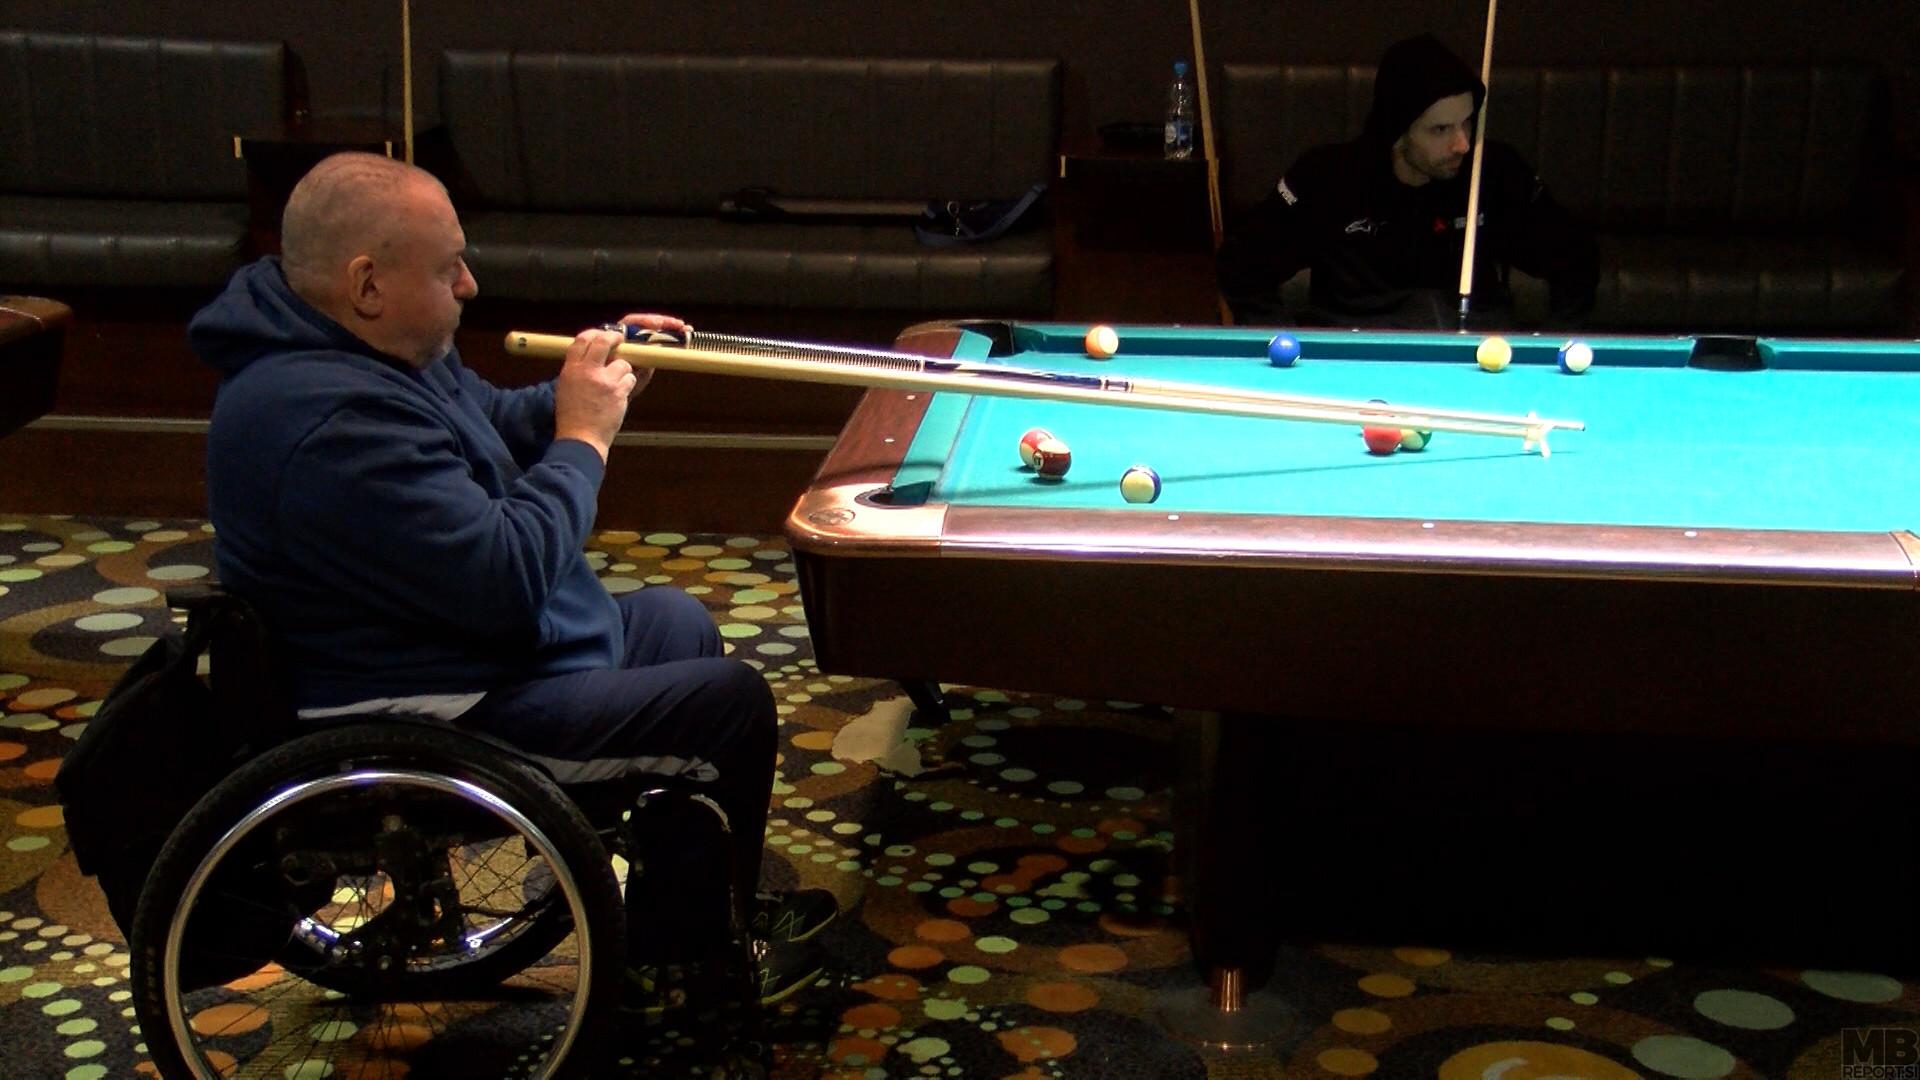 Biljard turnir paraplegikov